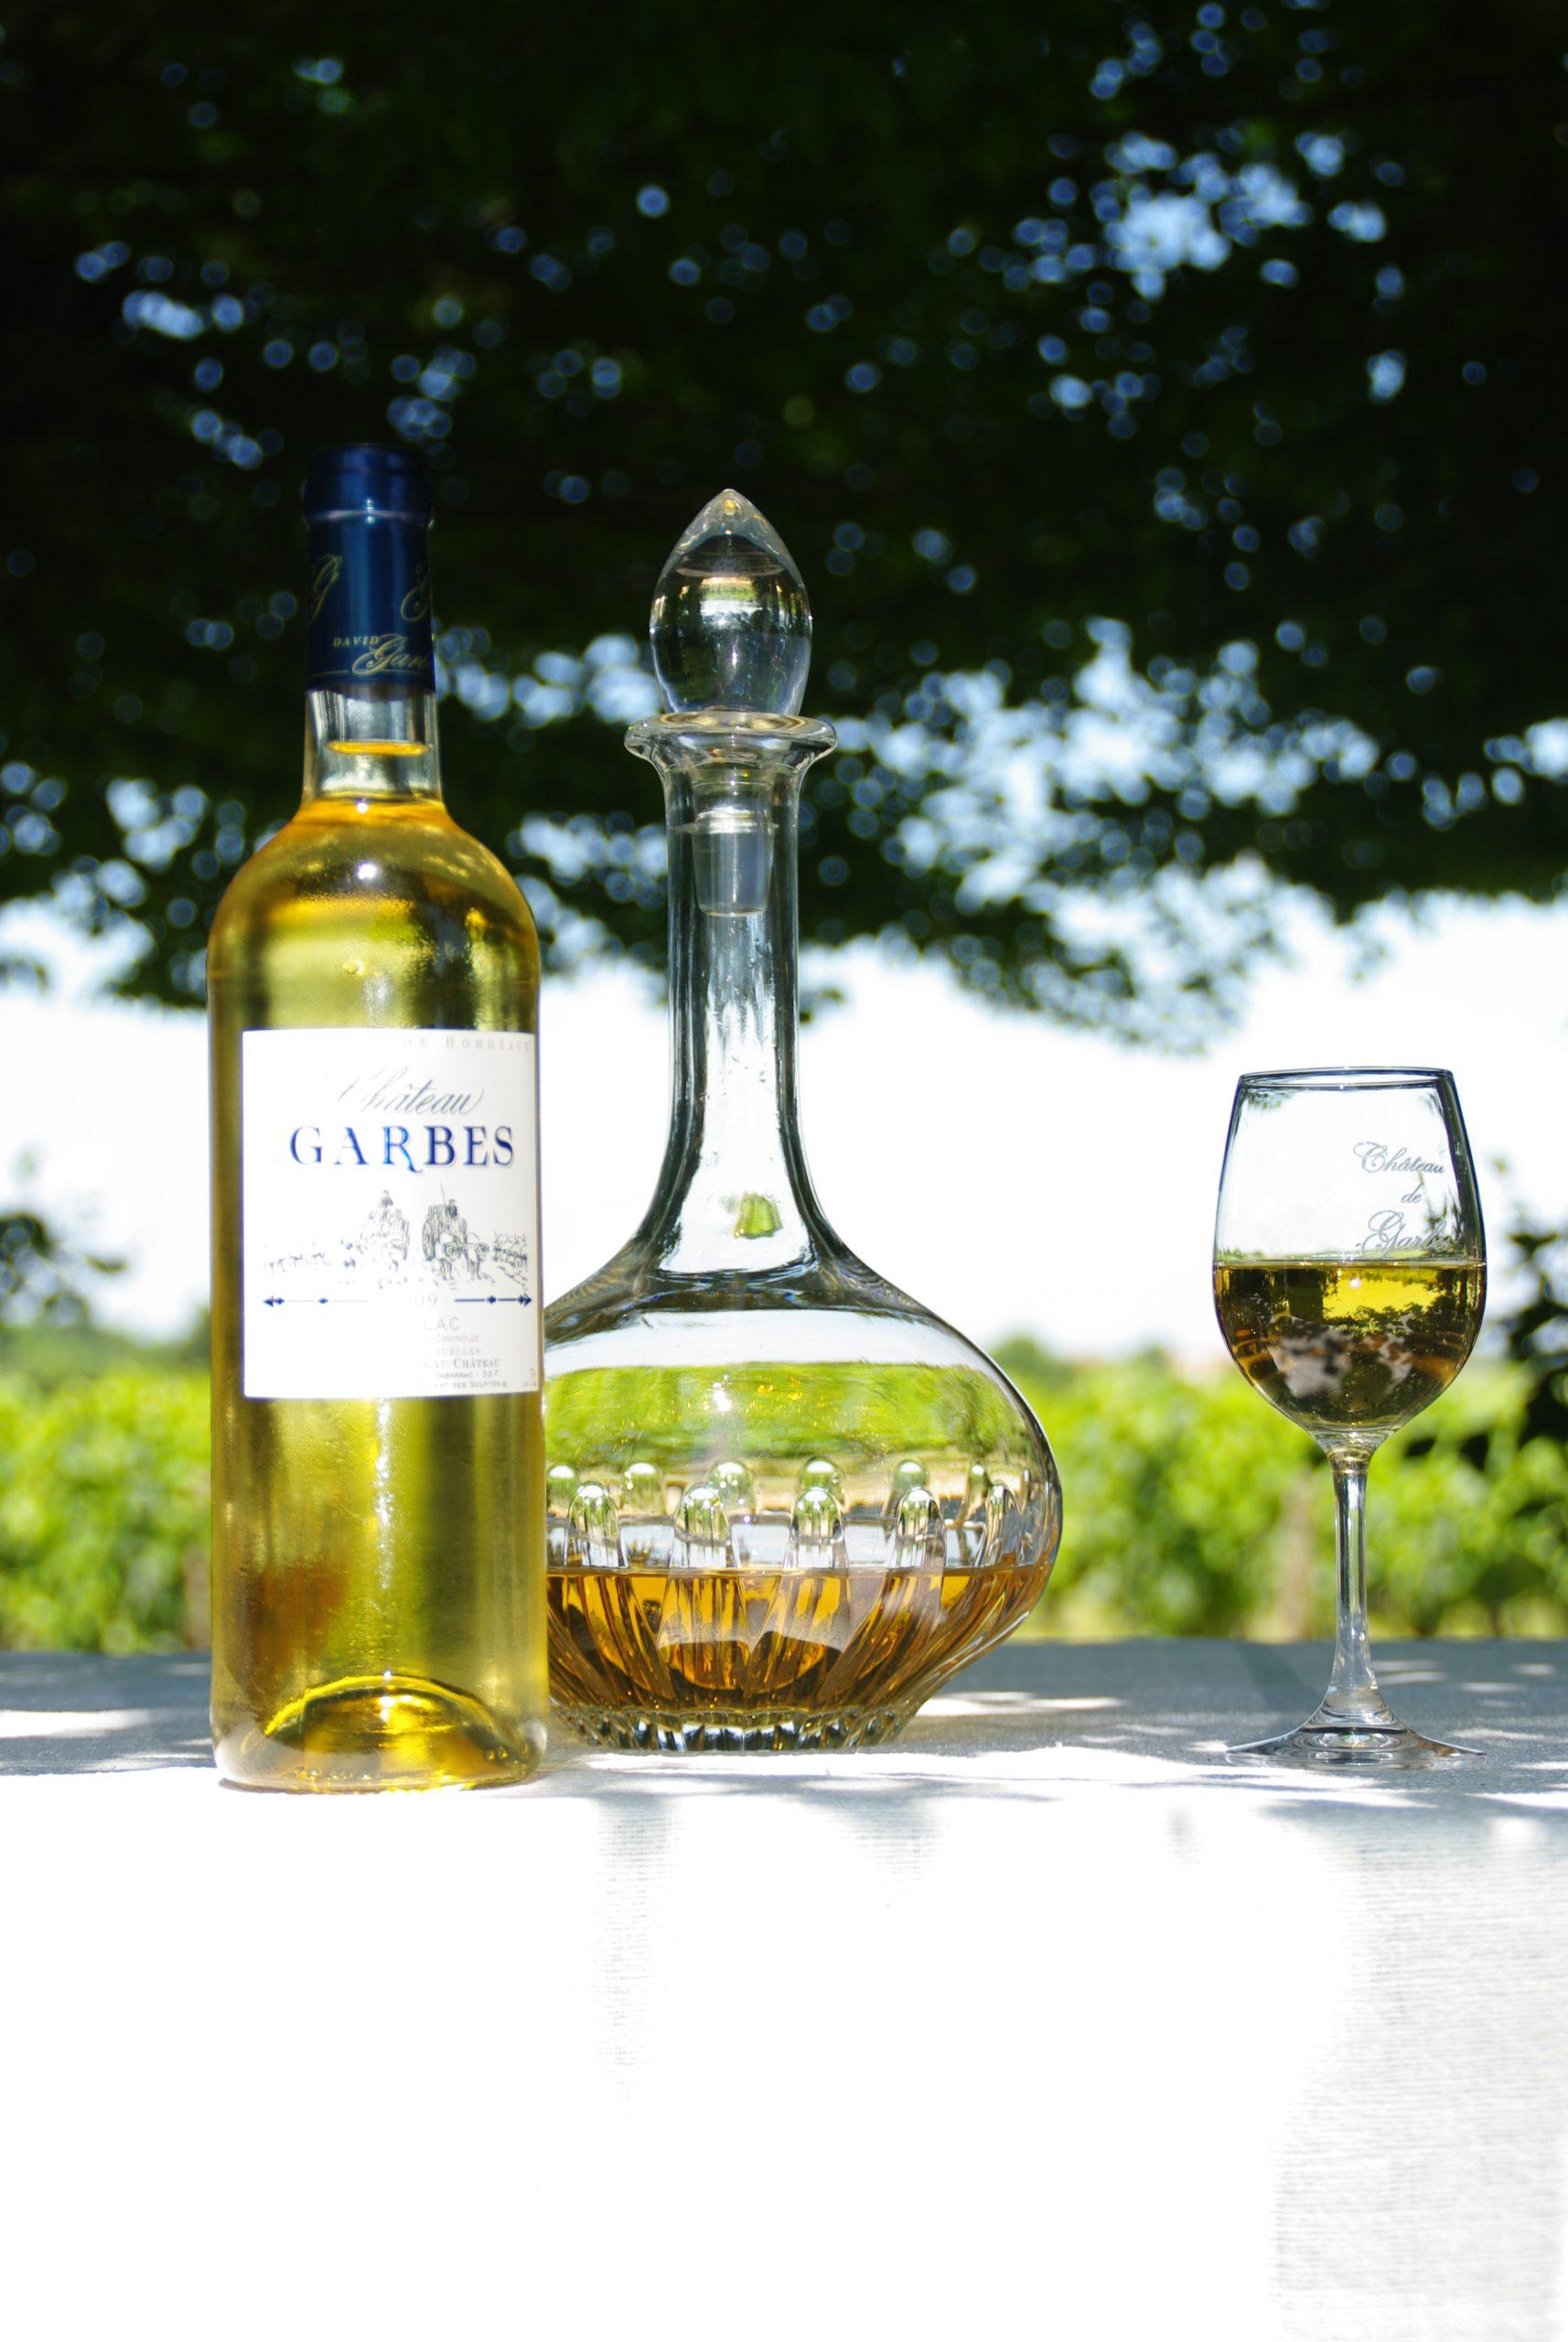 carafe vin blanc doux Cadillac cuvée traditionnelle château de Garbes